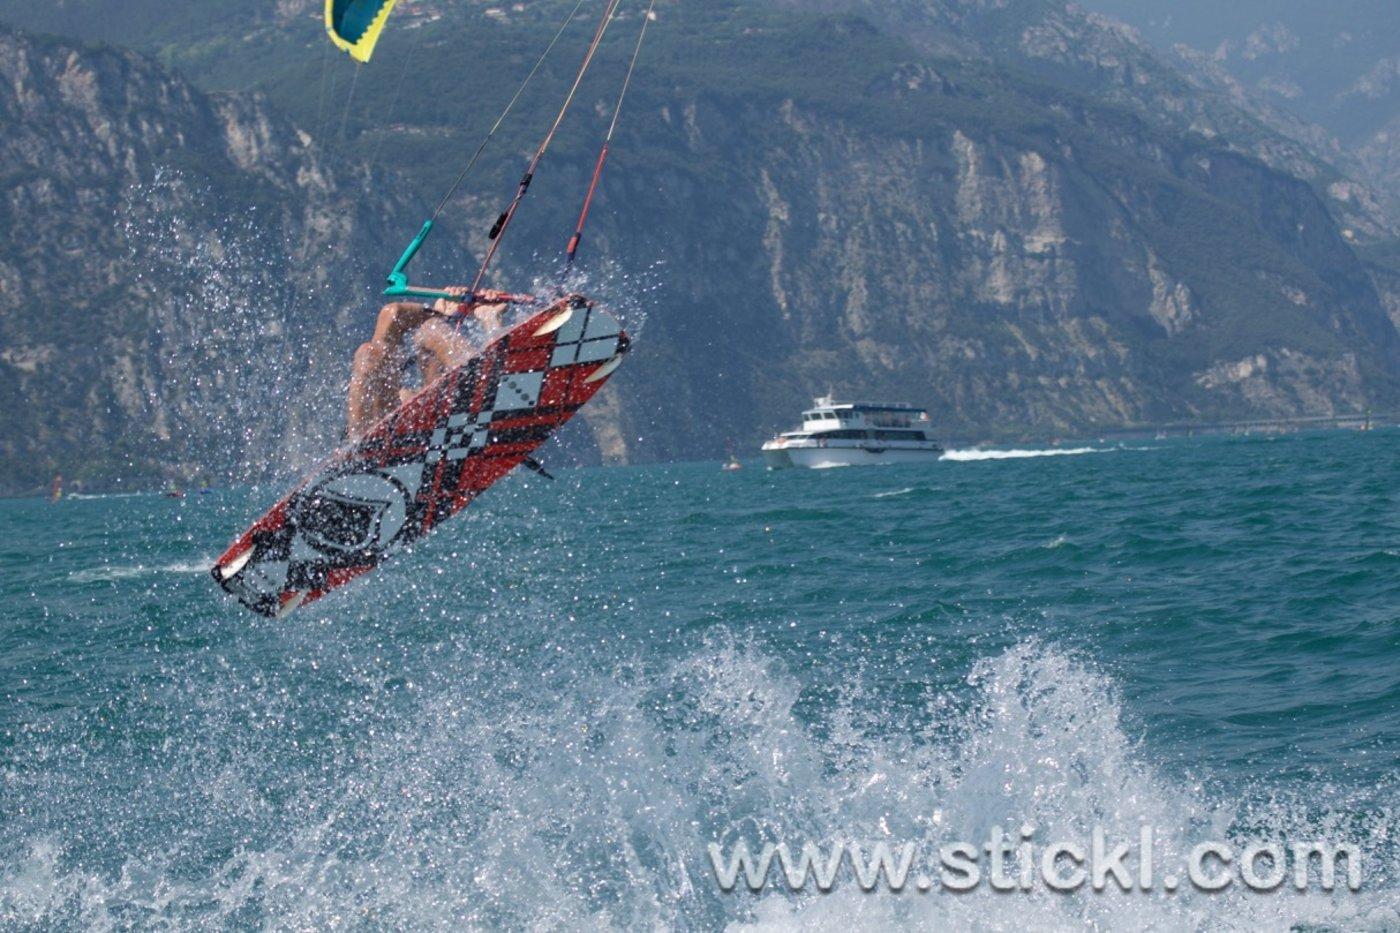 Kitesurfer springt